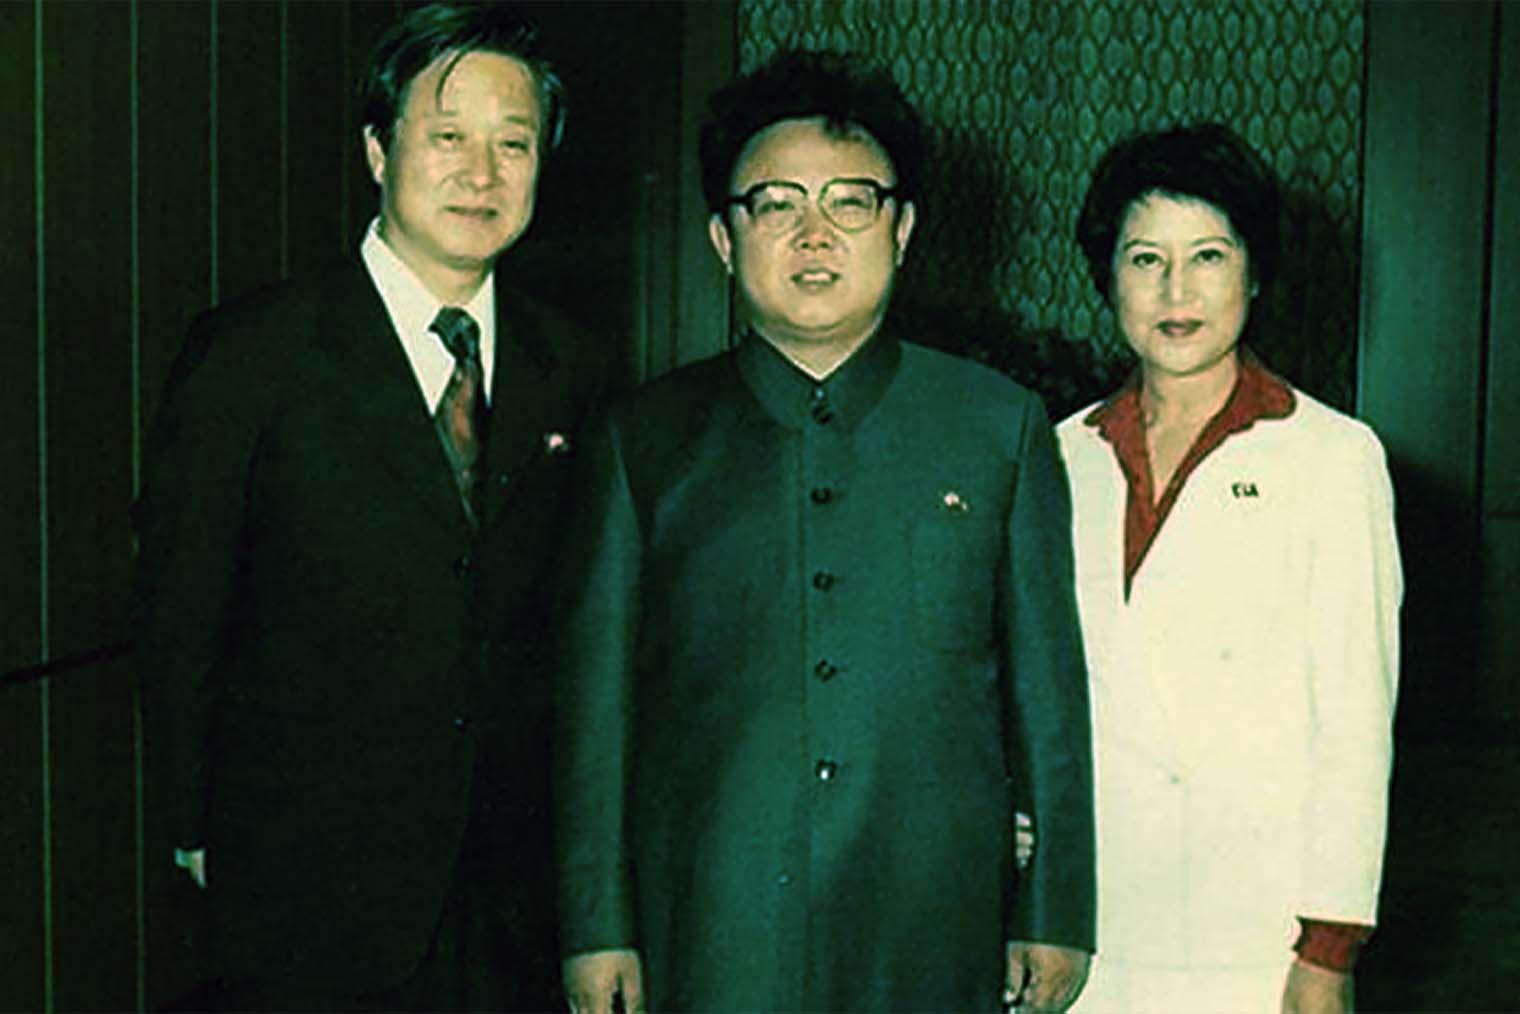 Син Сан Ок, Ким Чен Ир и Чхве Юн Хи. Кадр из фильма «Любовники и деспот»